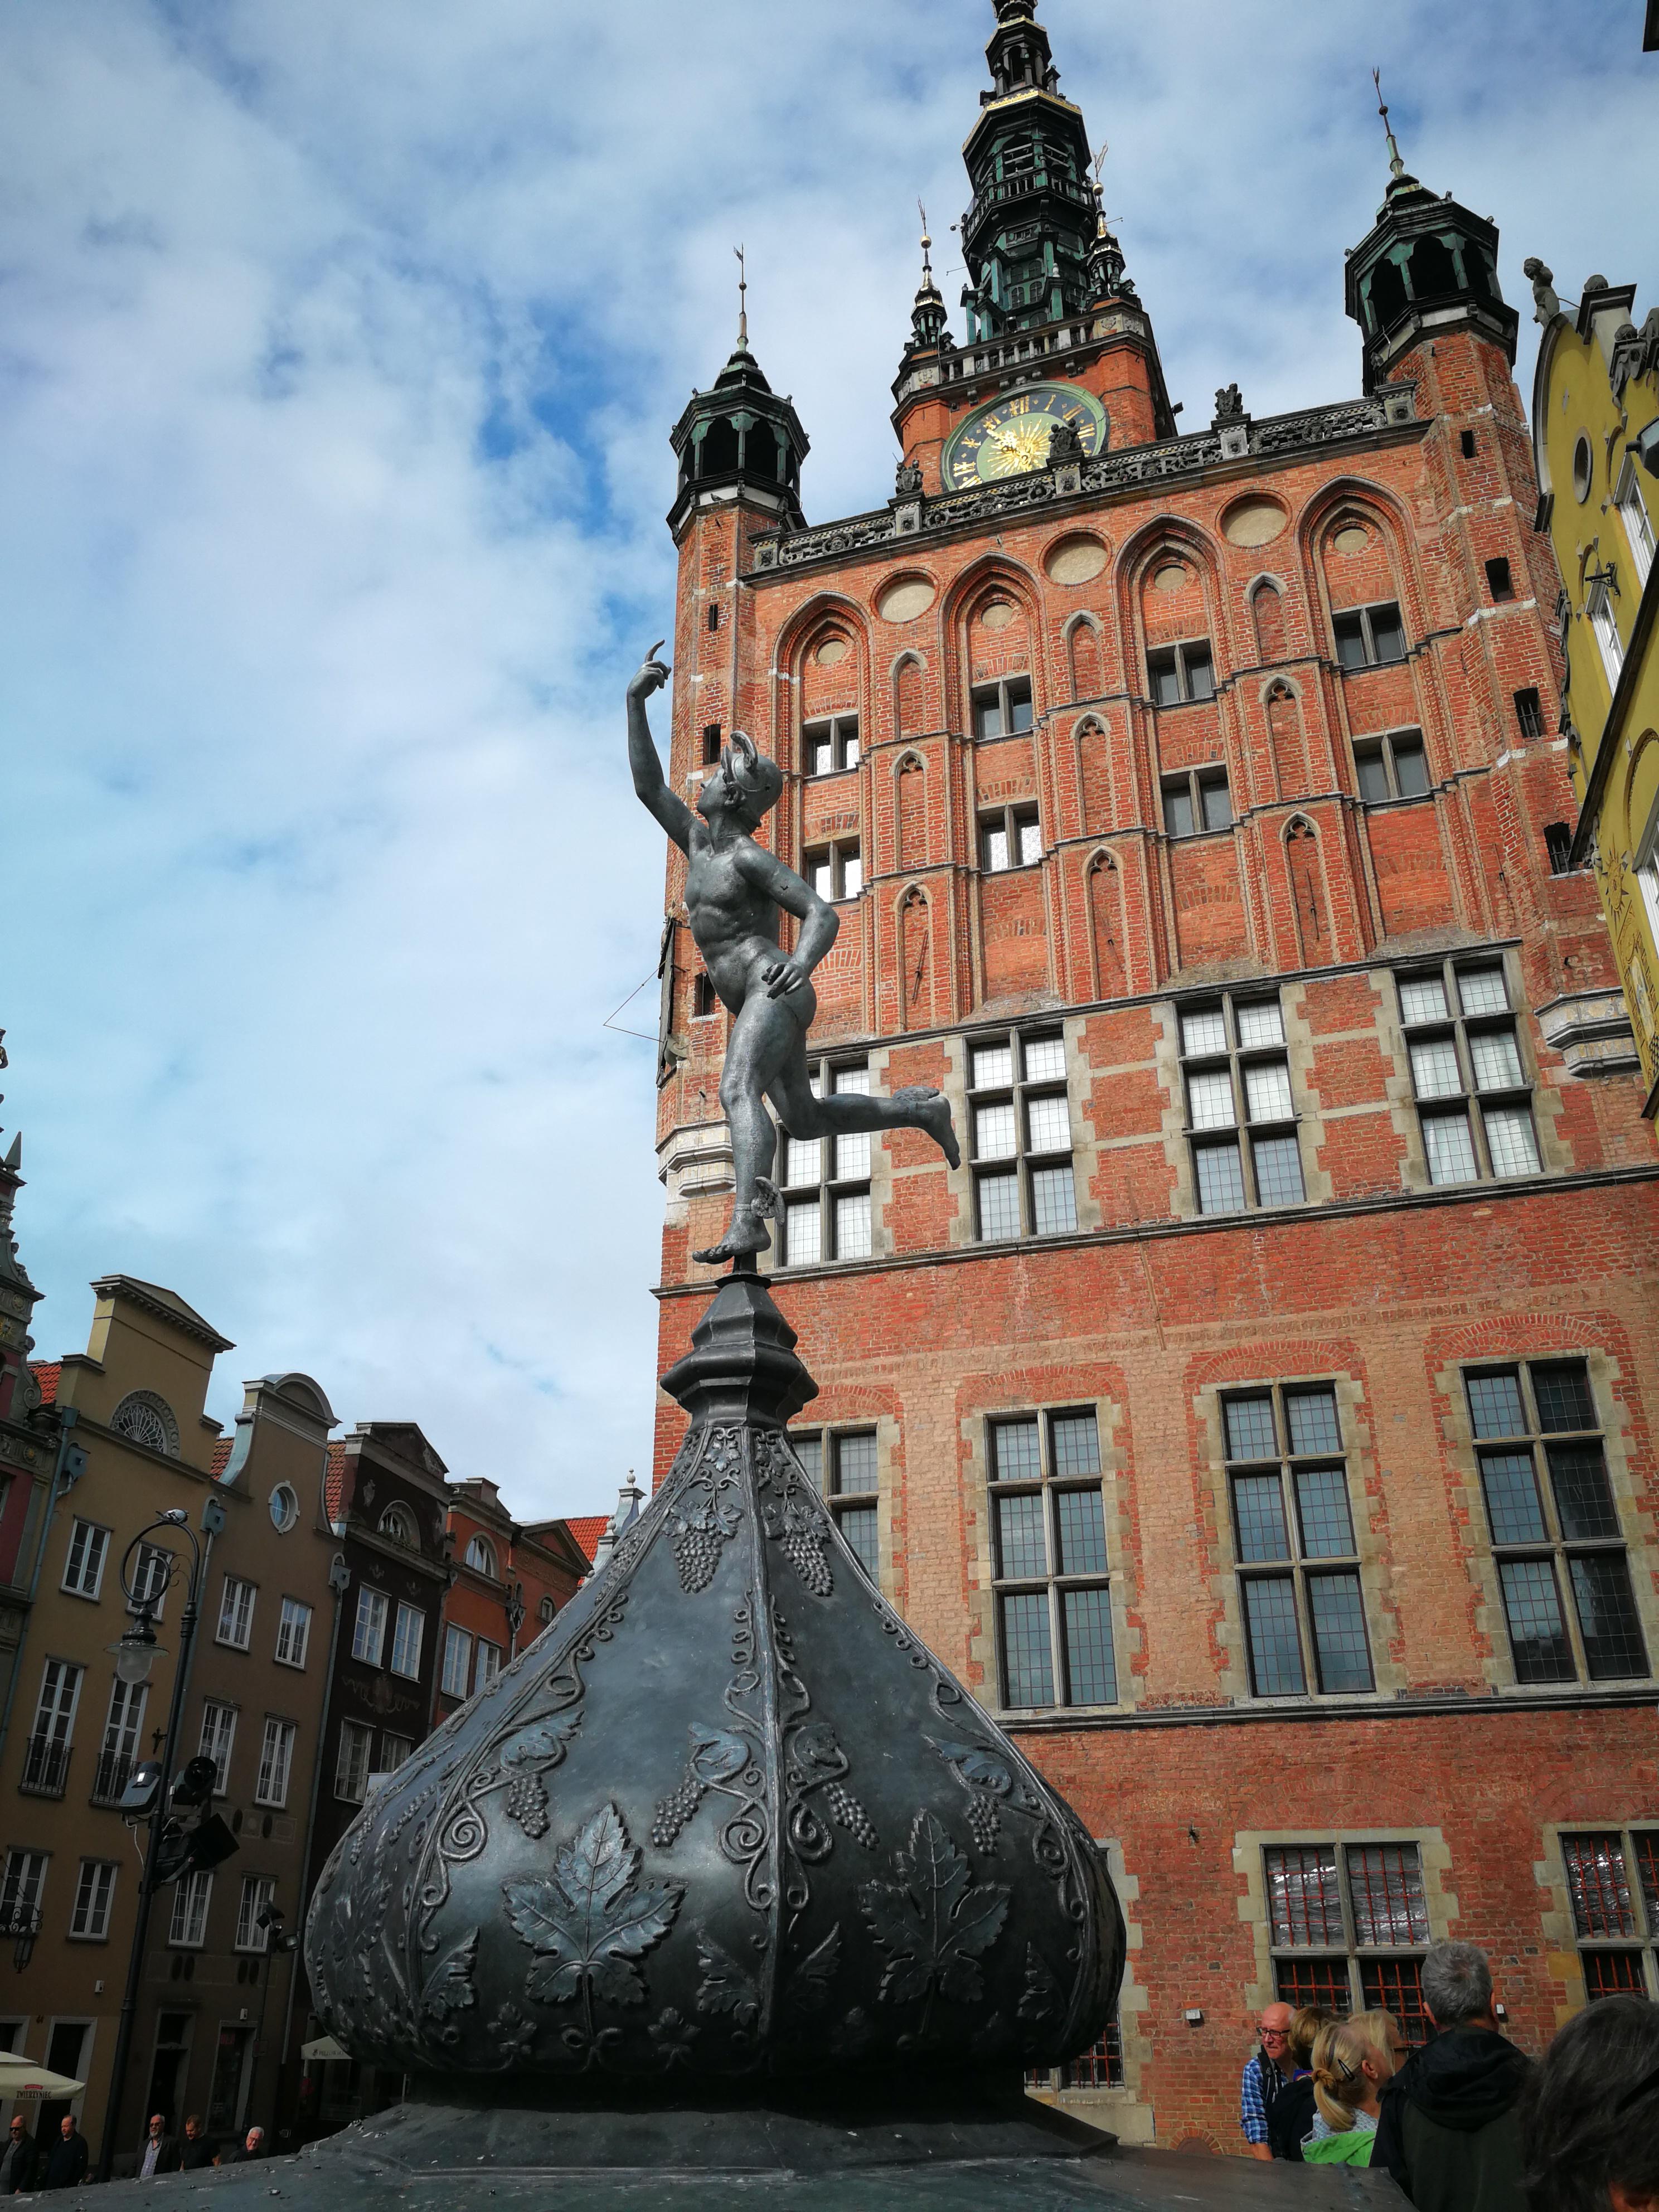 Raadhuis-van-de-Hoofdstad.-Ania-Anna-Kotula-www.gidsingdansk.nl